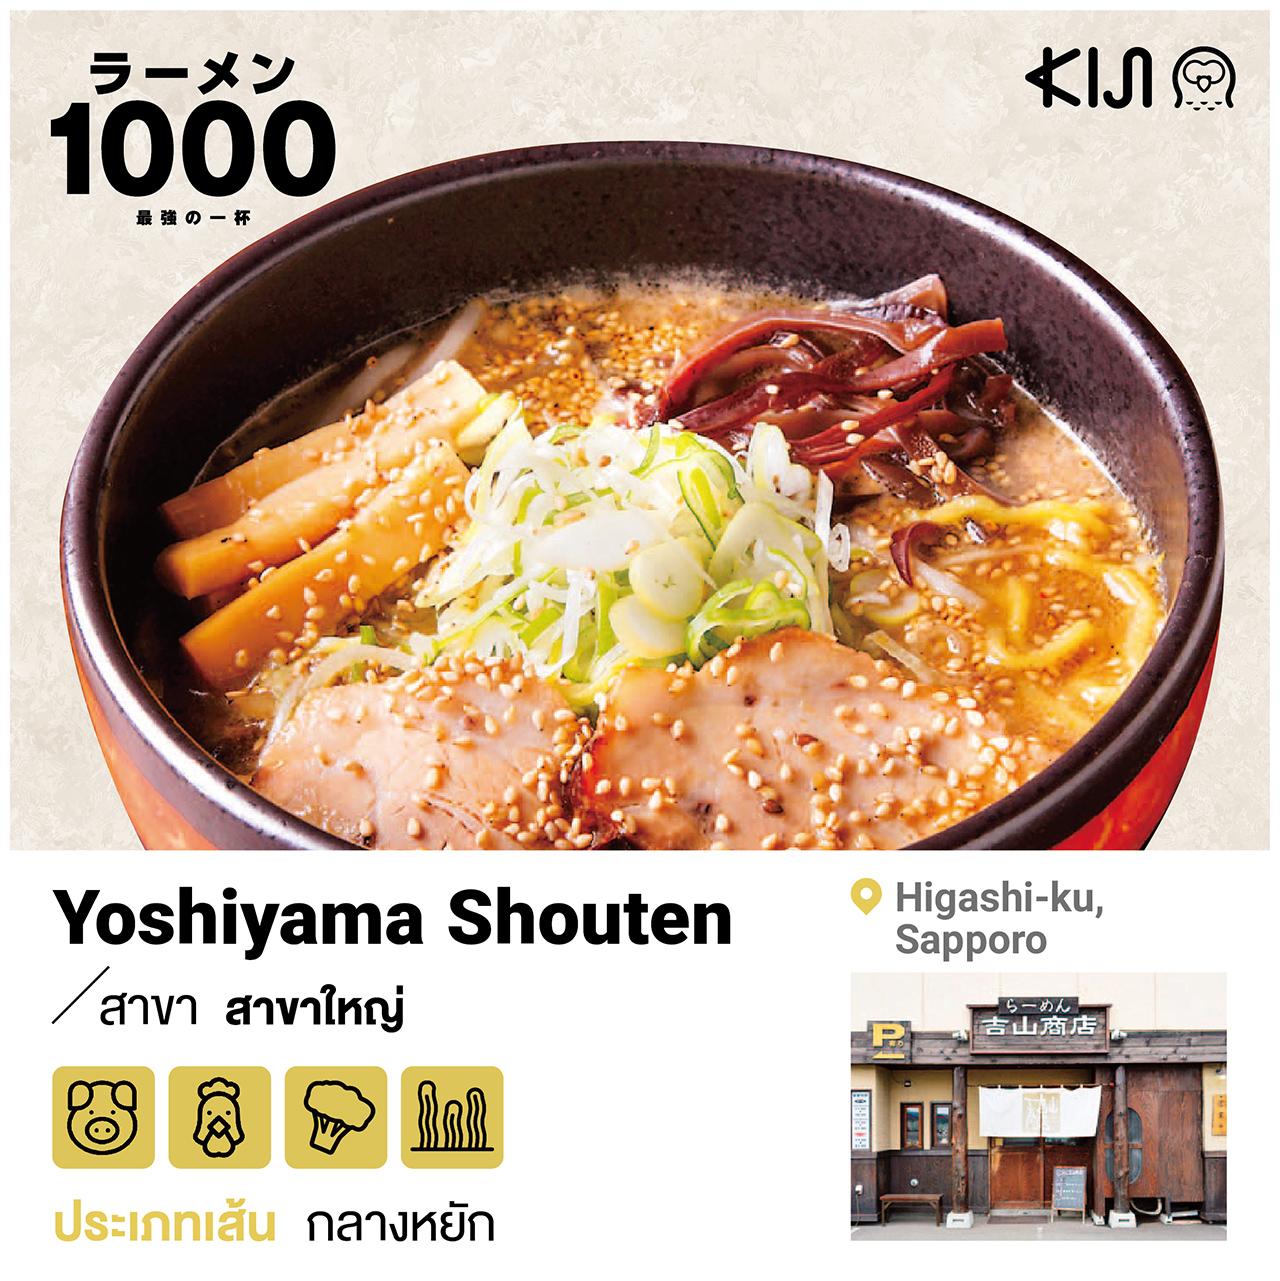 ร้านราเมน เขตฮิกาชิ เมืองซัปโปโร จ.ฮอกไกโด - Yoshiyama Shouten สาขาใหญ่